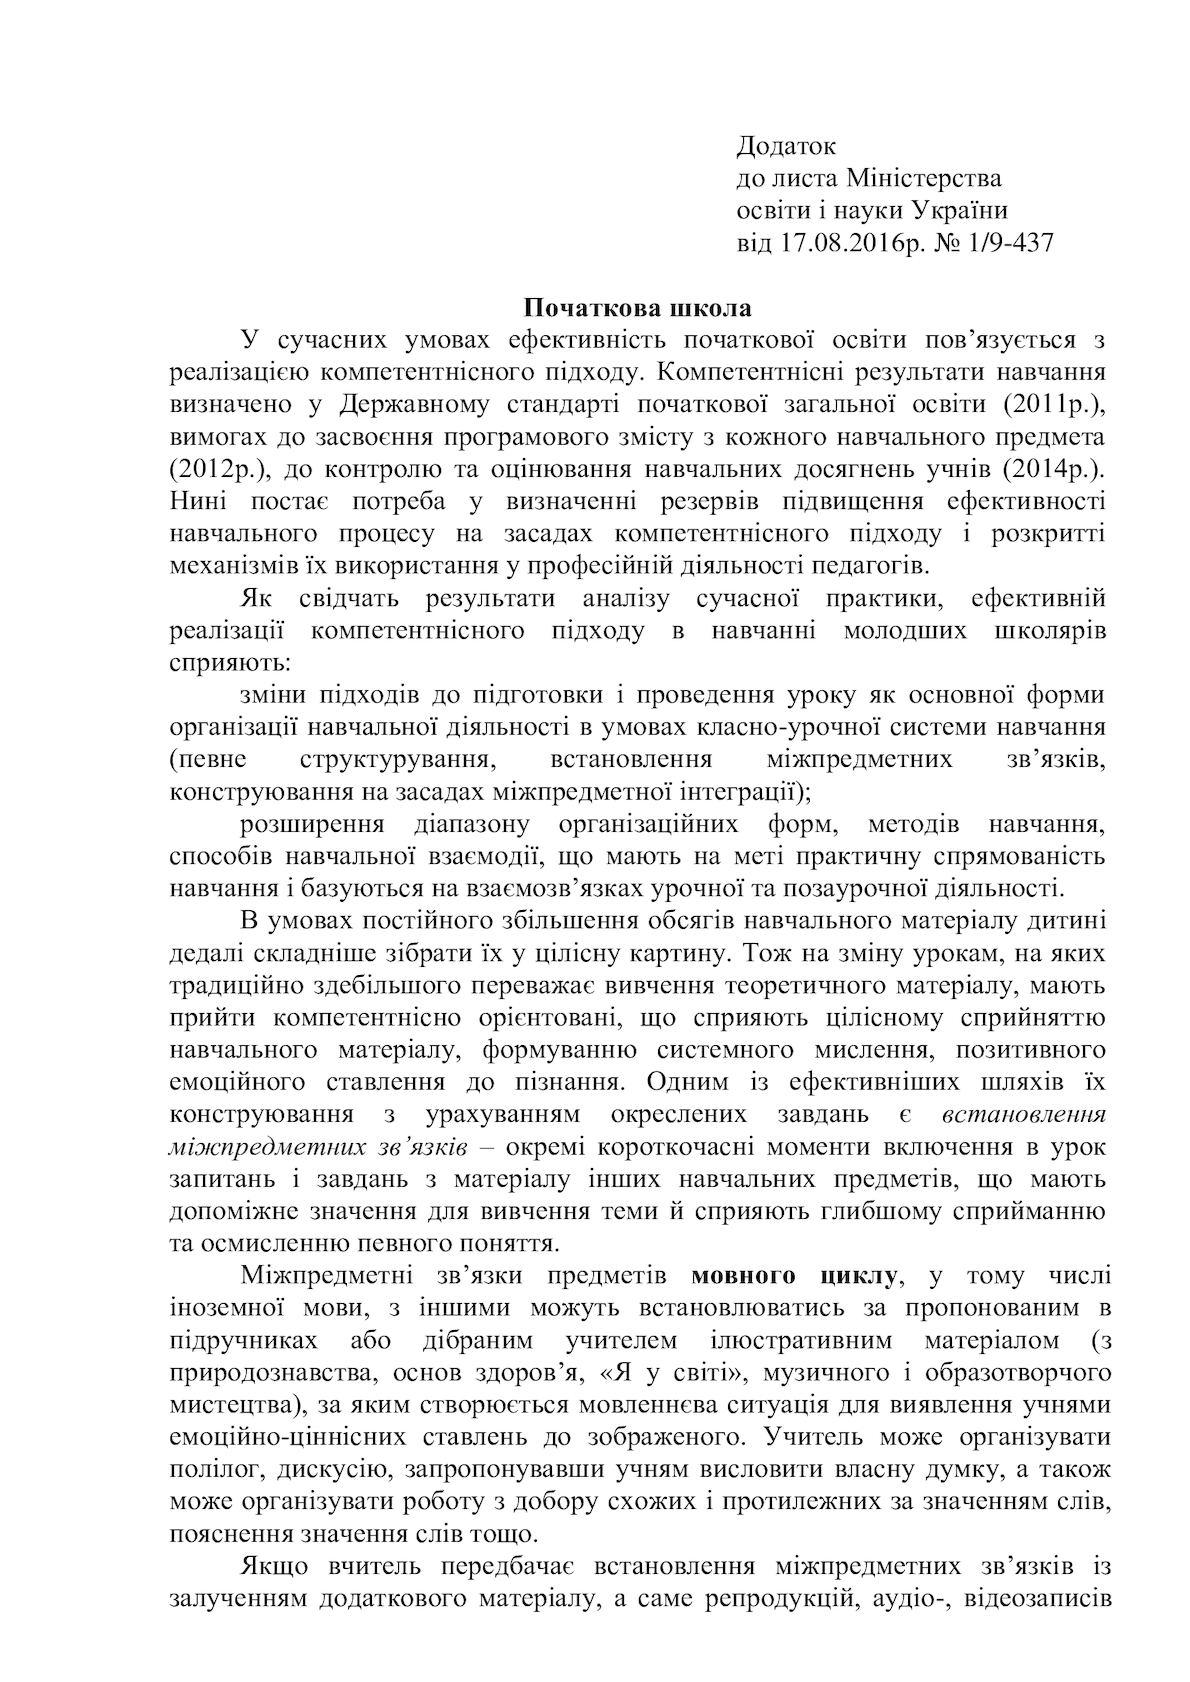 зразок резюме продавця-консультанта укранською мовою скачати